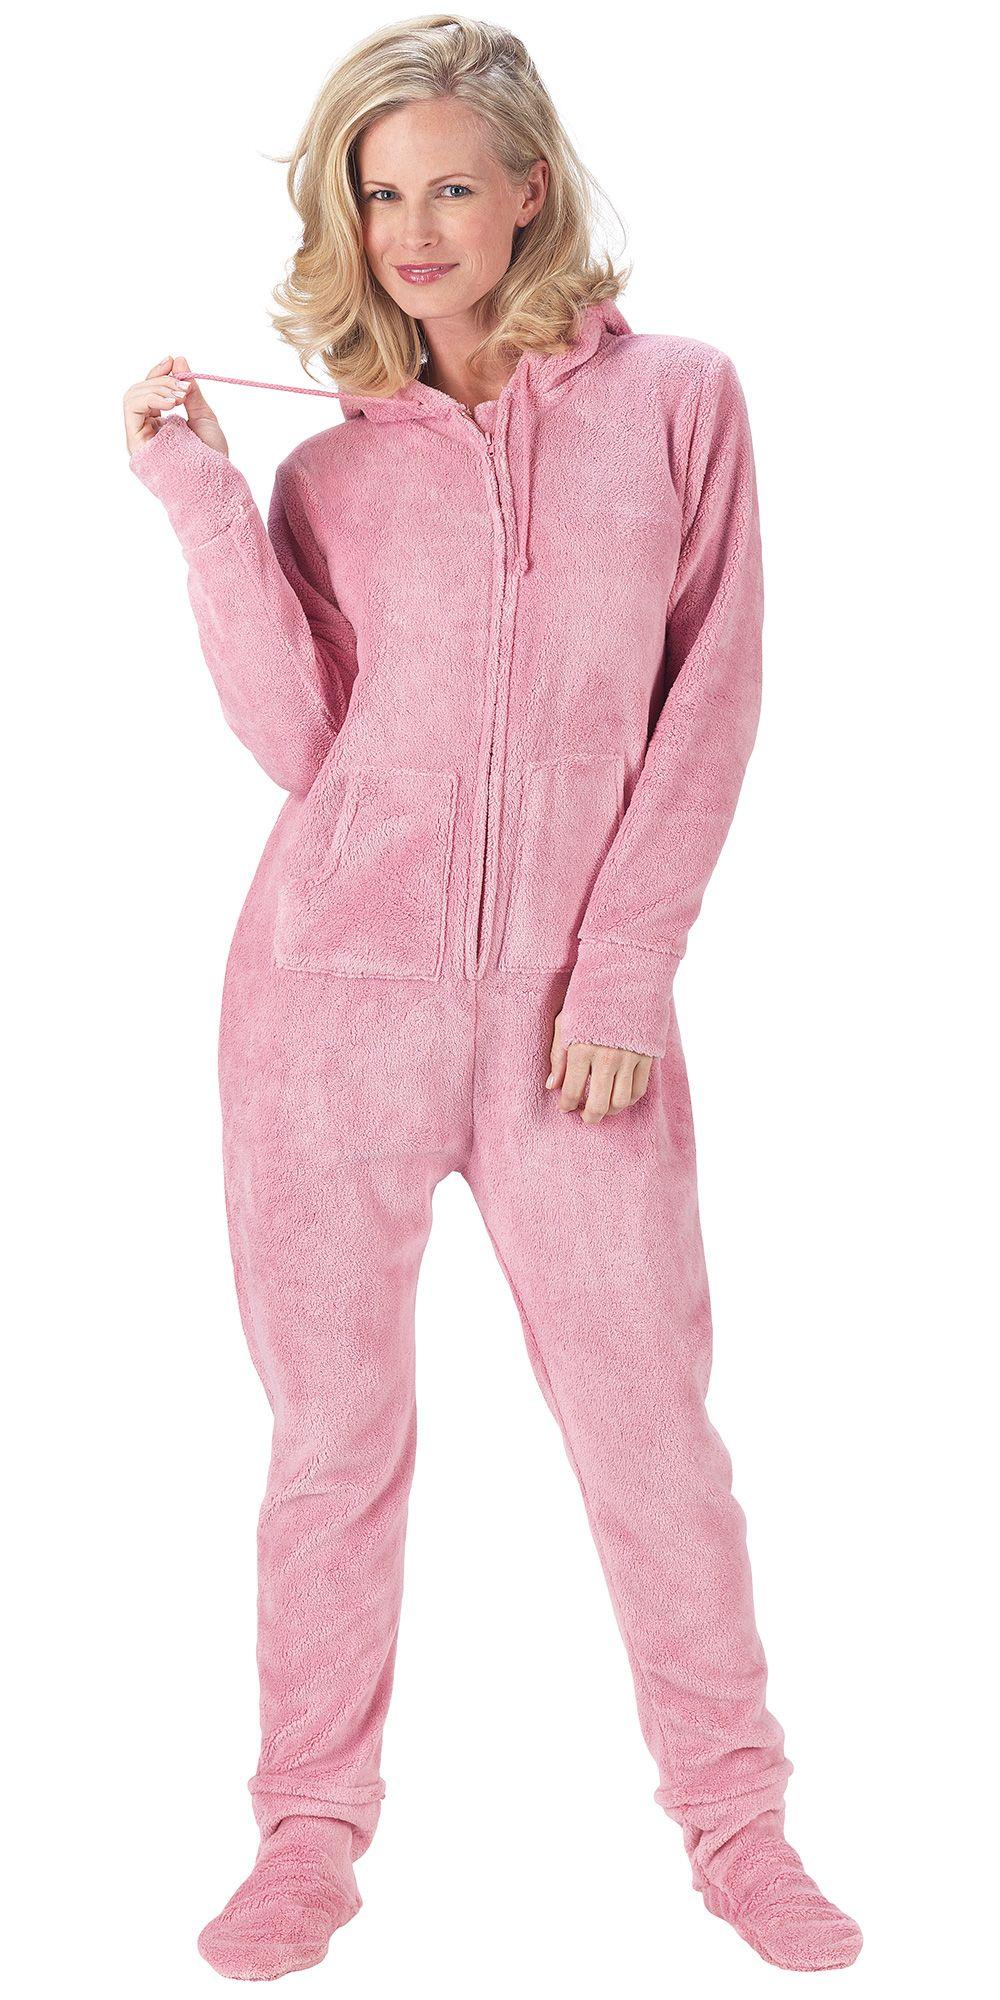 1ac2b71661 Pink Hoodie-Footie for Women - Onesie Pajamas from PajamaGram.  79.99   HoodieFootie  Pajamas